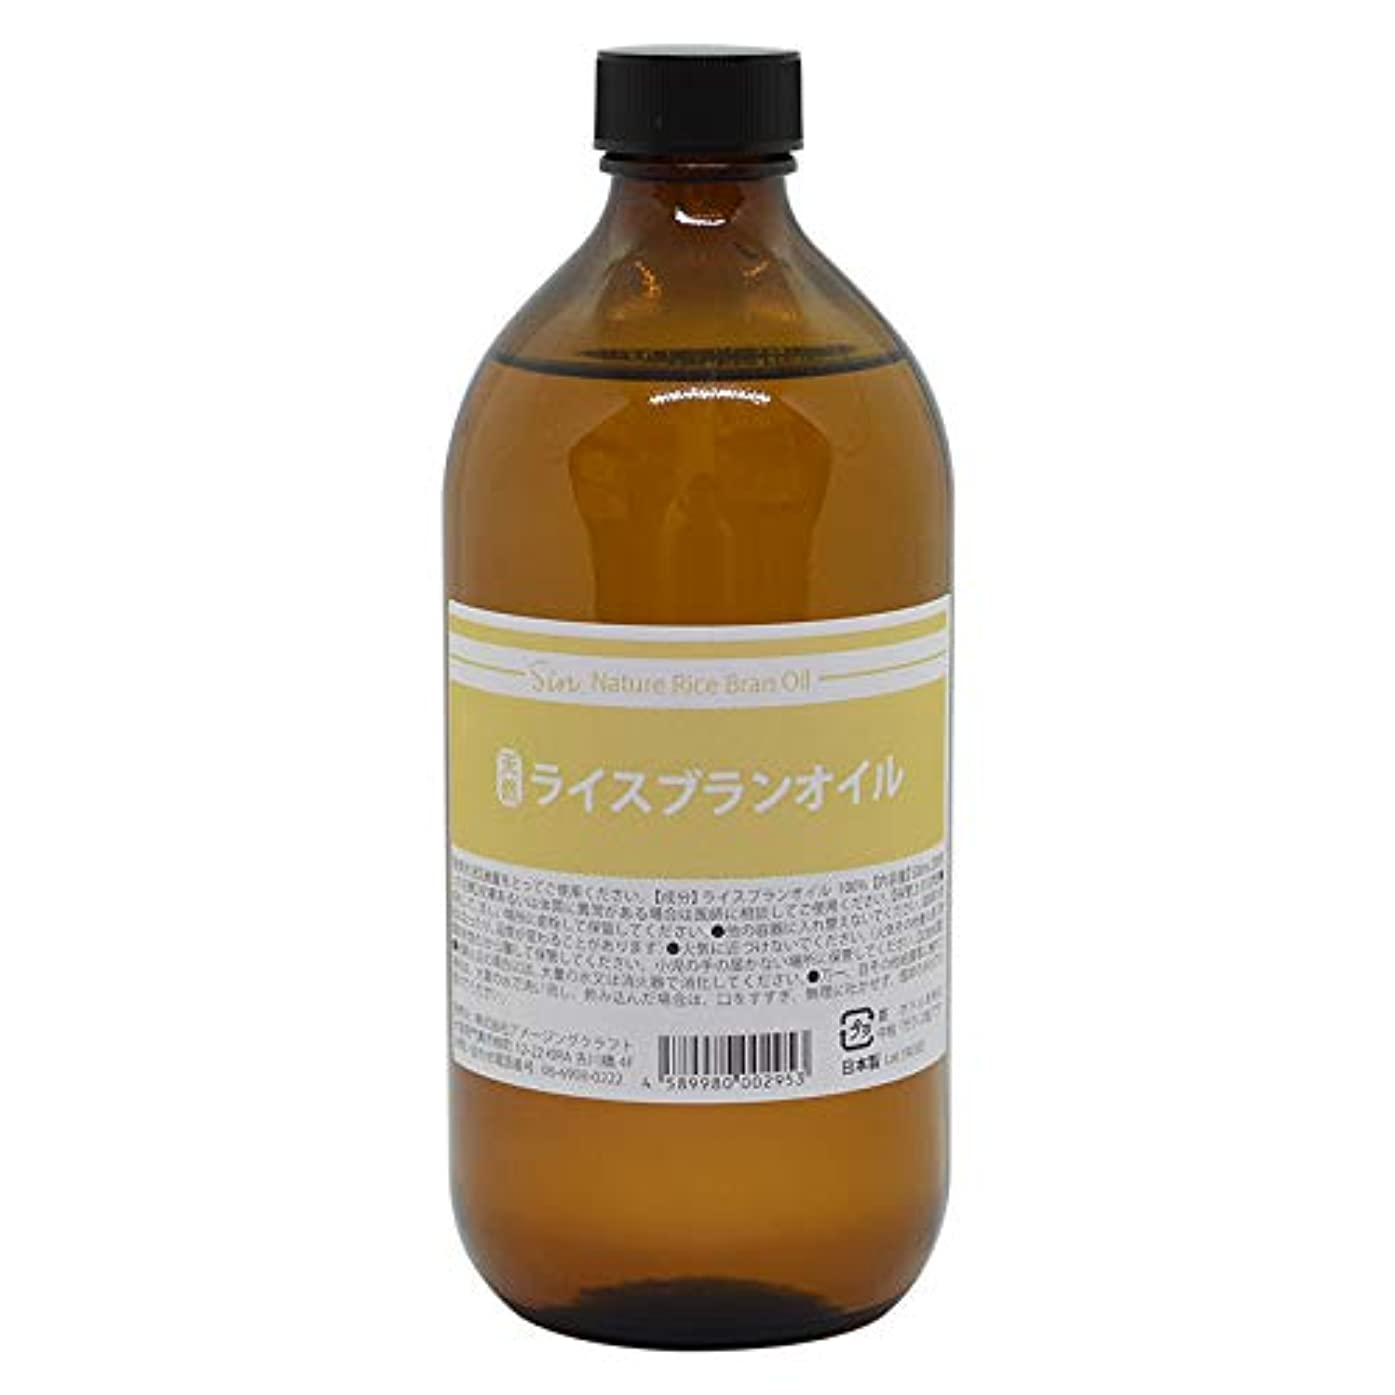 暗黙策定する汚す天然無添加 国内精製 ライスブランオイル 500ml ライスオイル